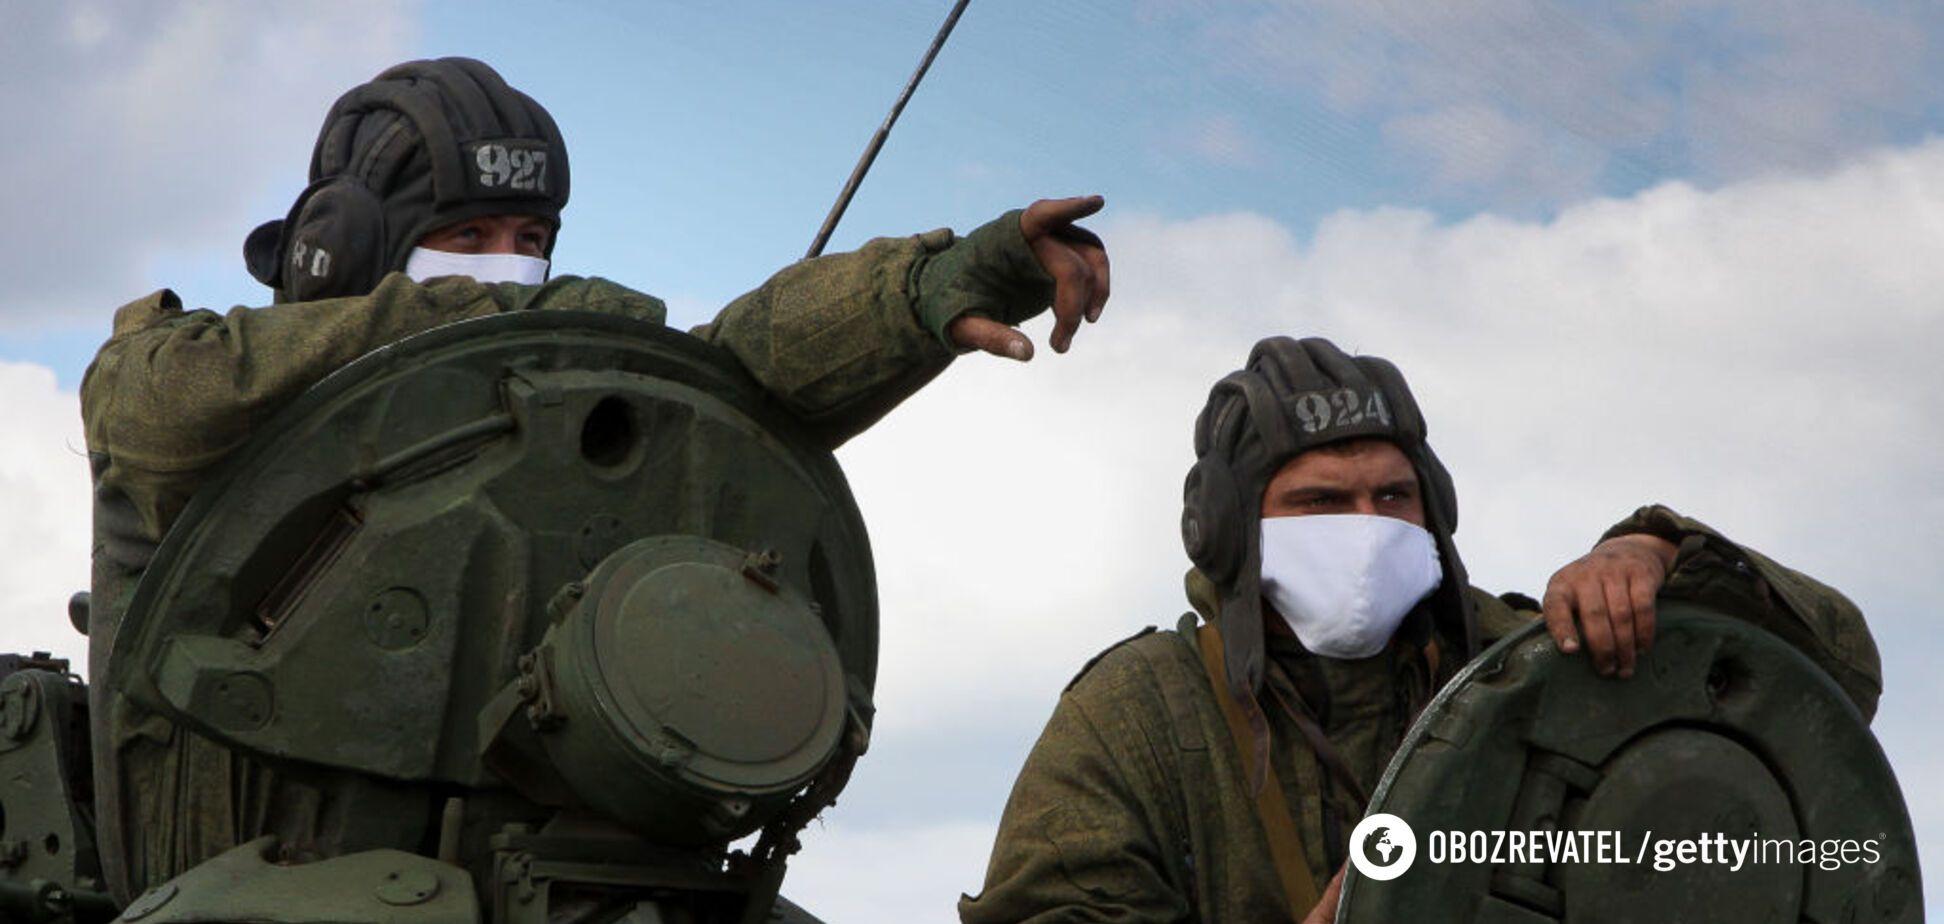 Російські найманці підло атакували ЗСУ на Донбасі, але отримали відсіч